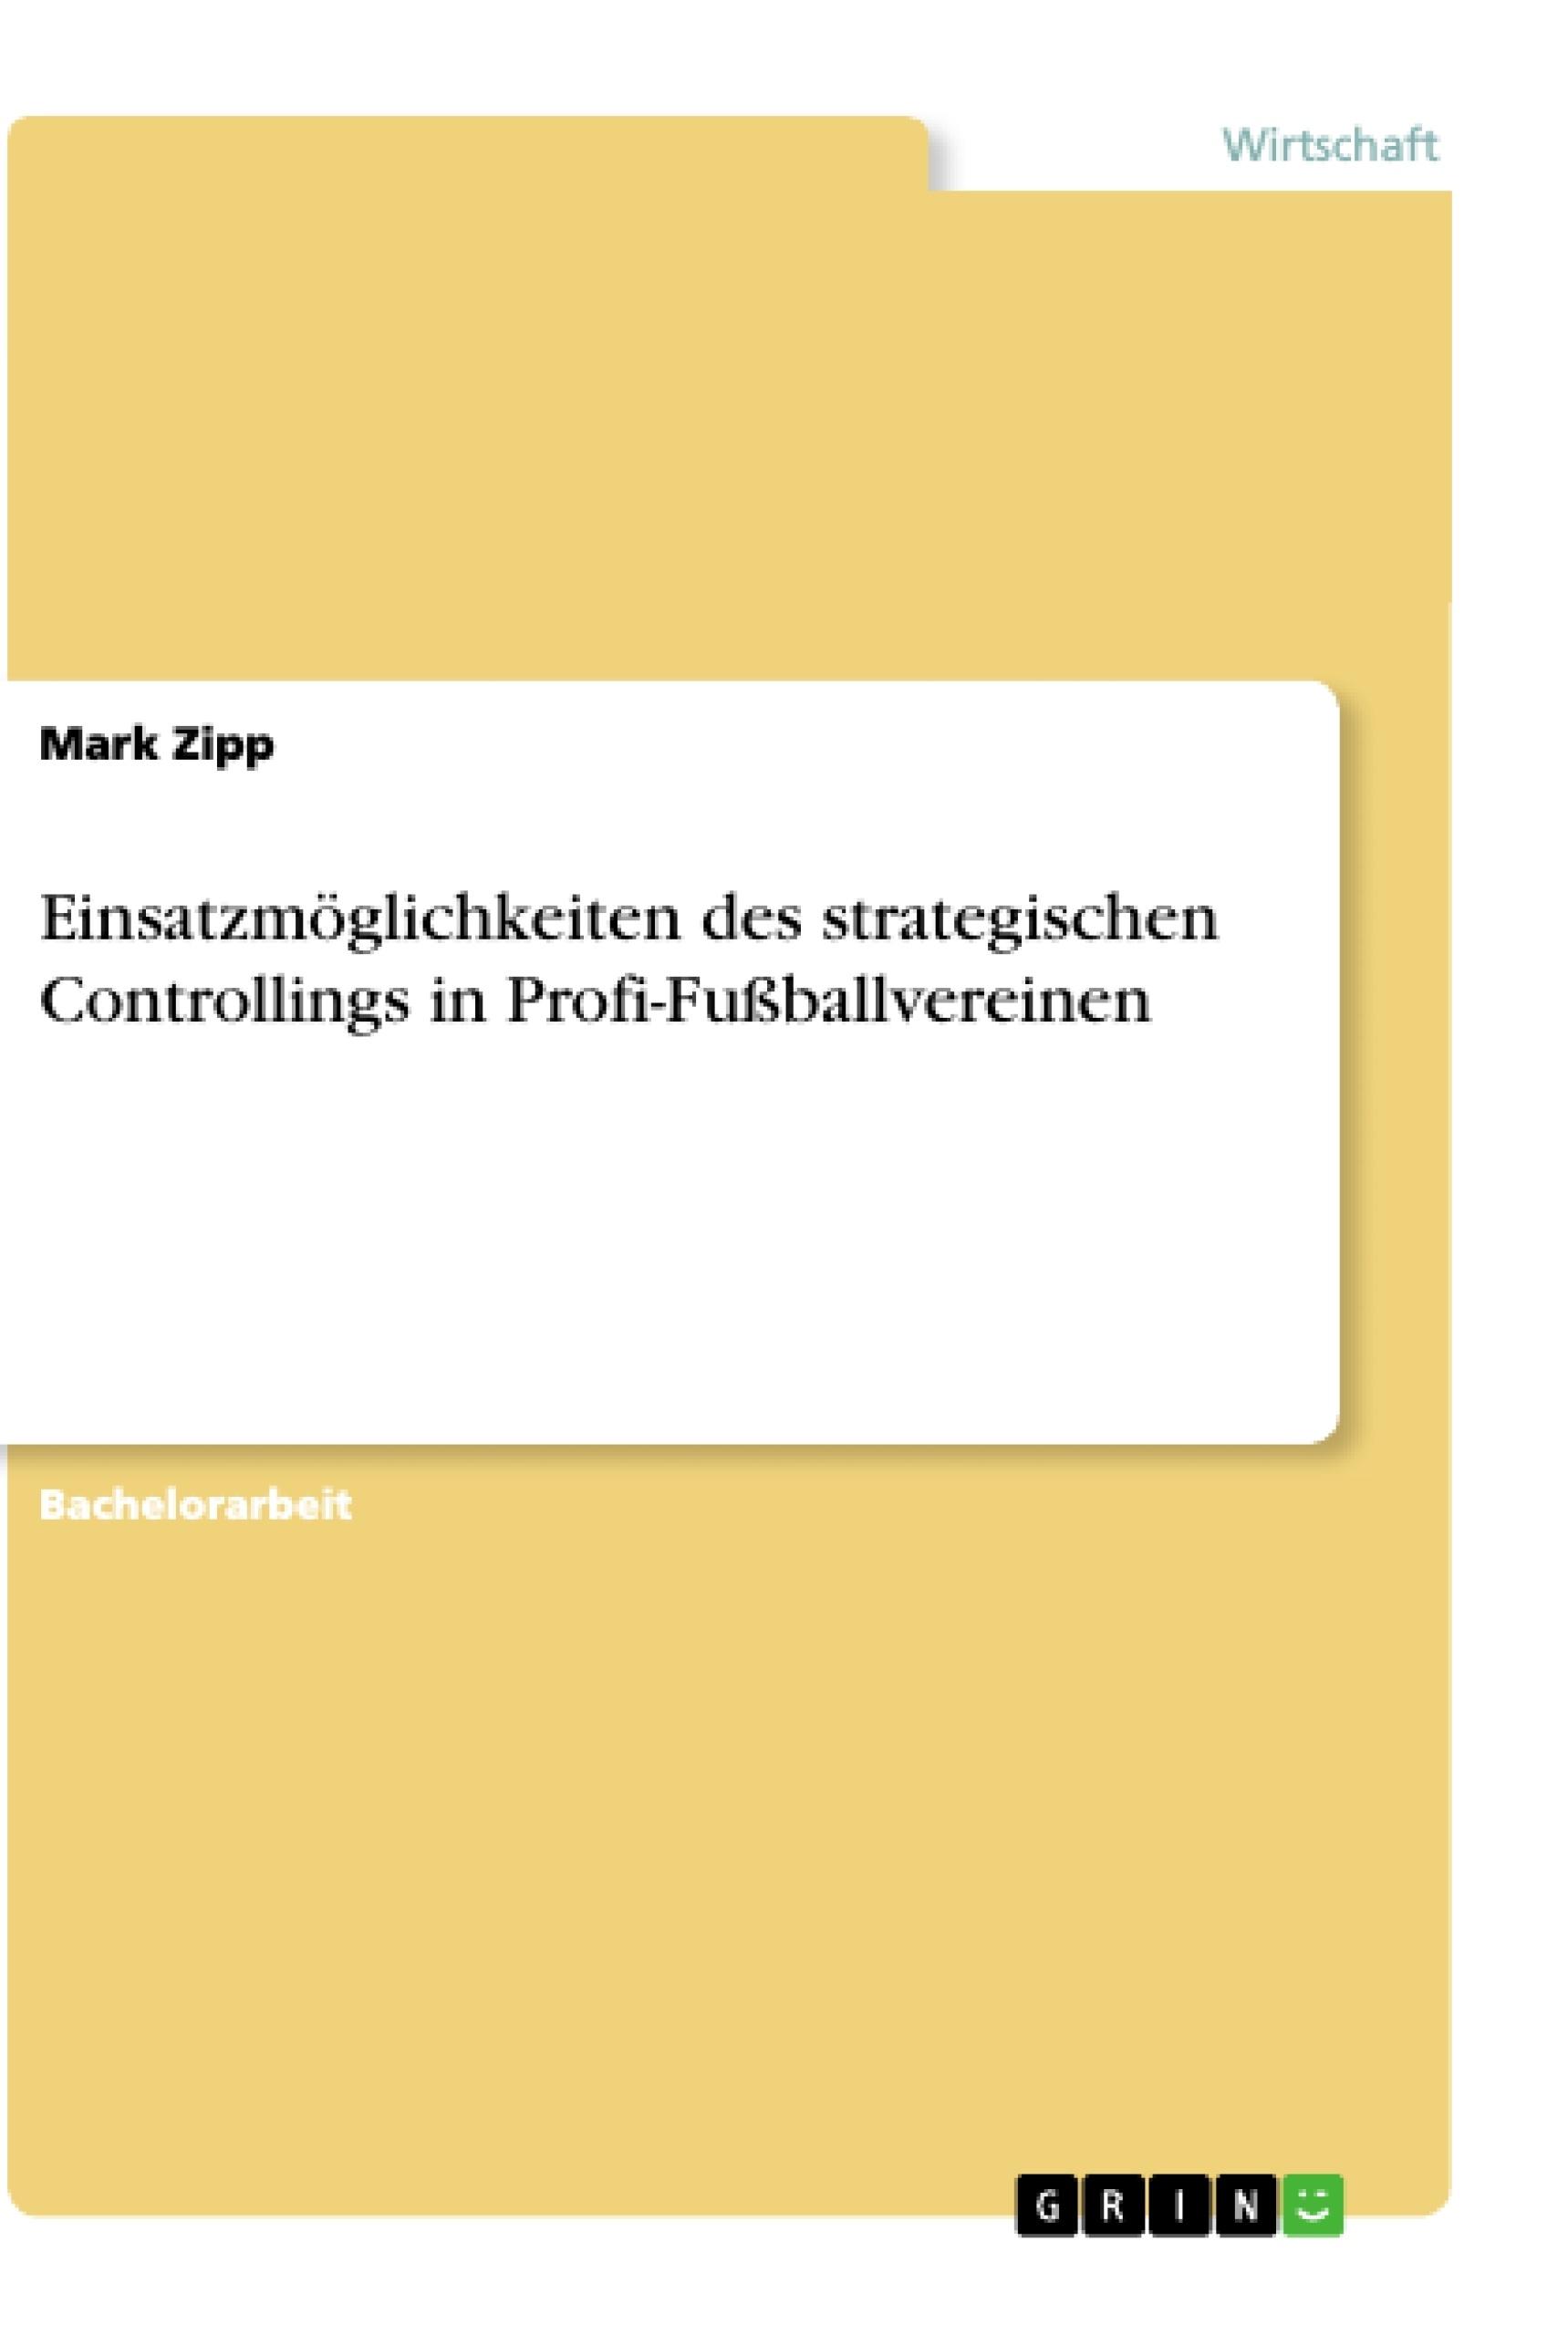 Titel: Einsatzmöglichkeiten des strategischen Controllings in Profi-Fußballvereinen